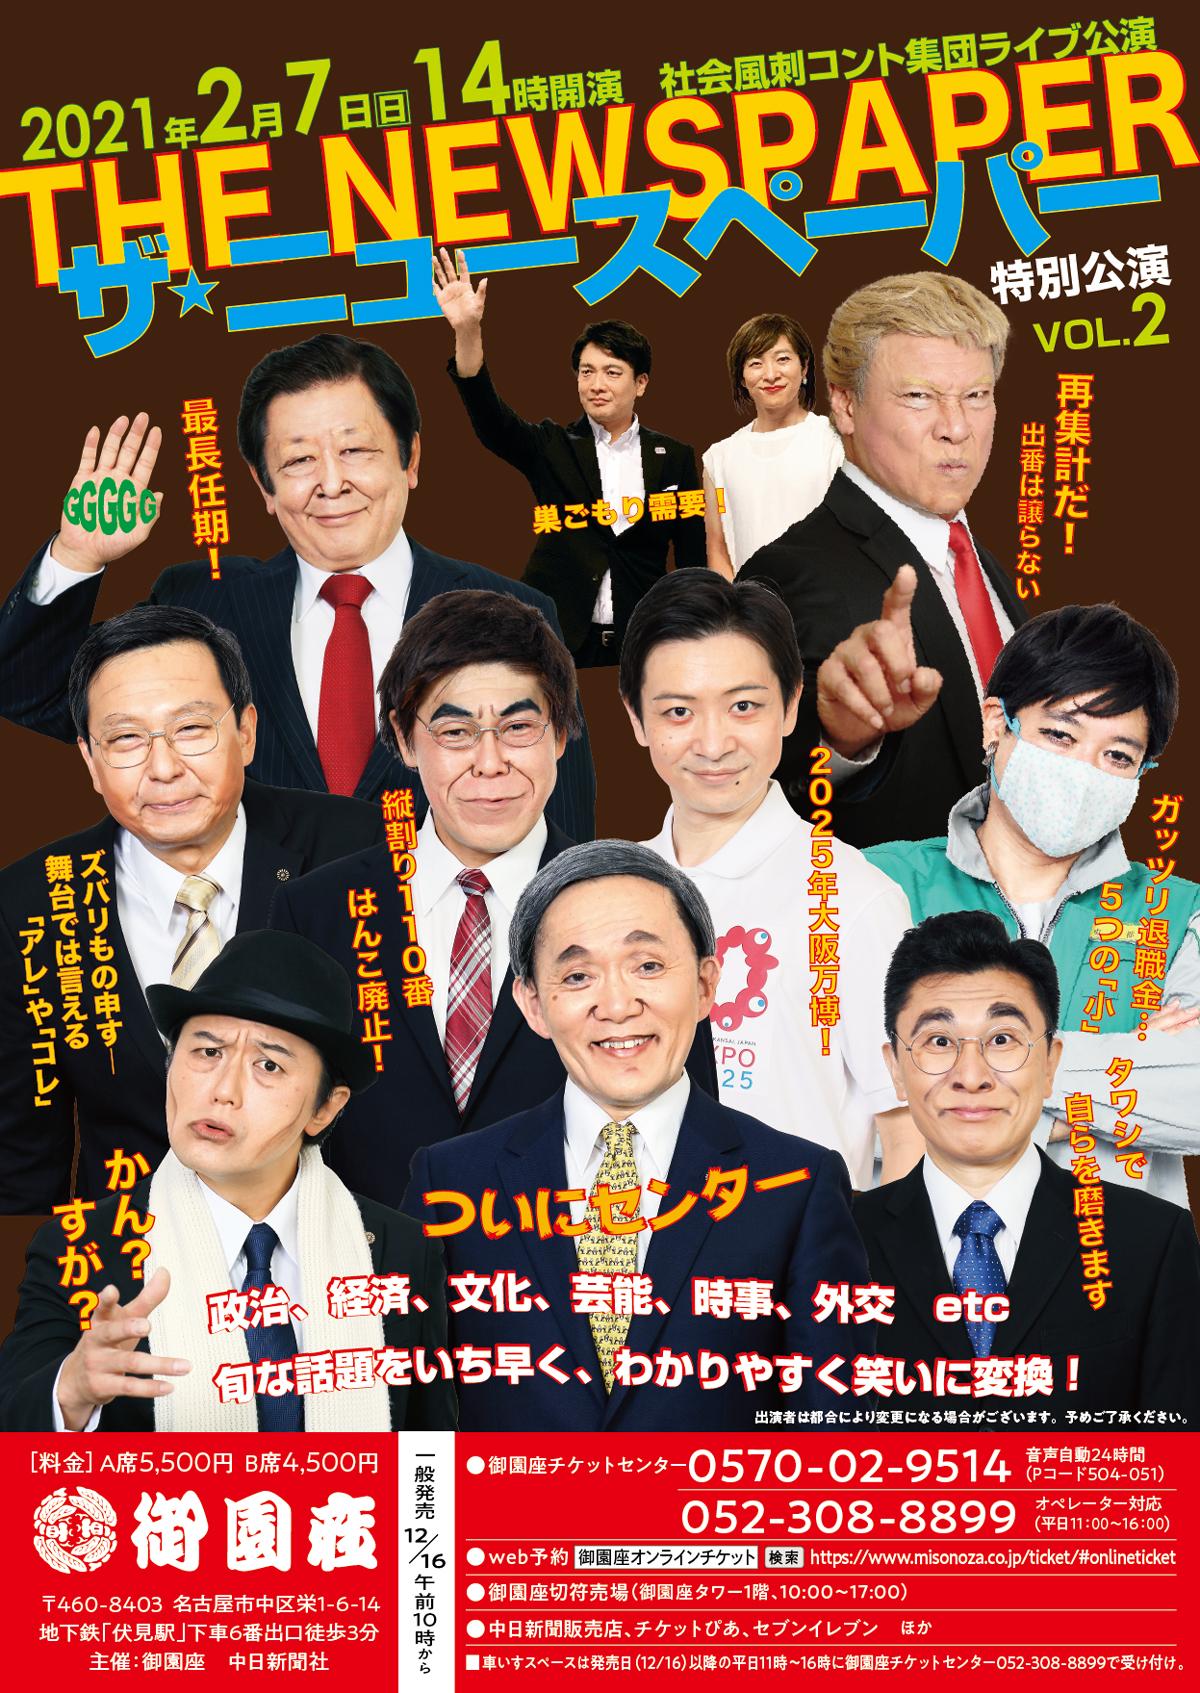 社会風刺コント集団ライブ公演 ザ・ニュースペーパー特別公演 ちらし